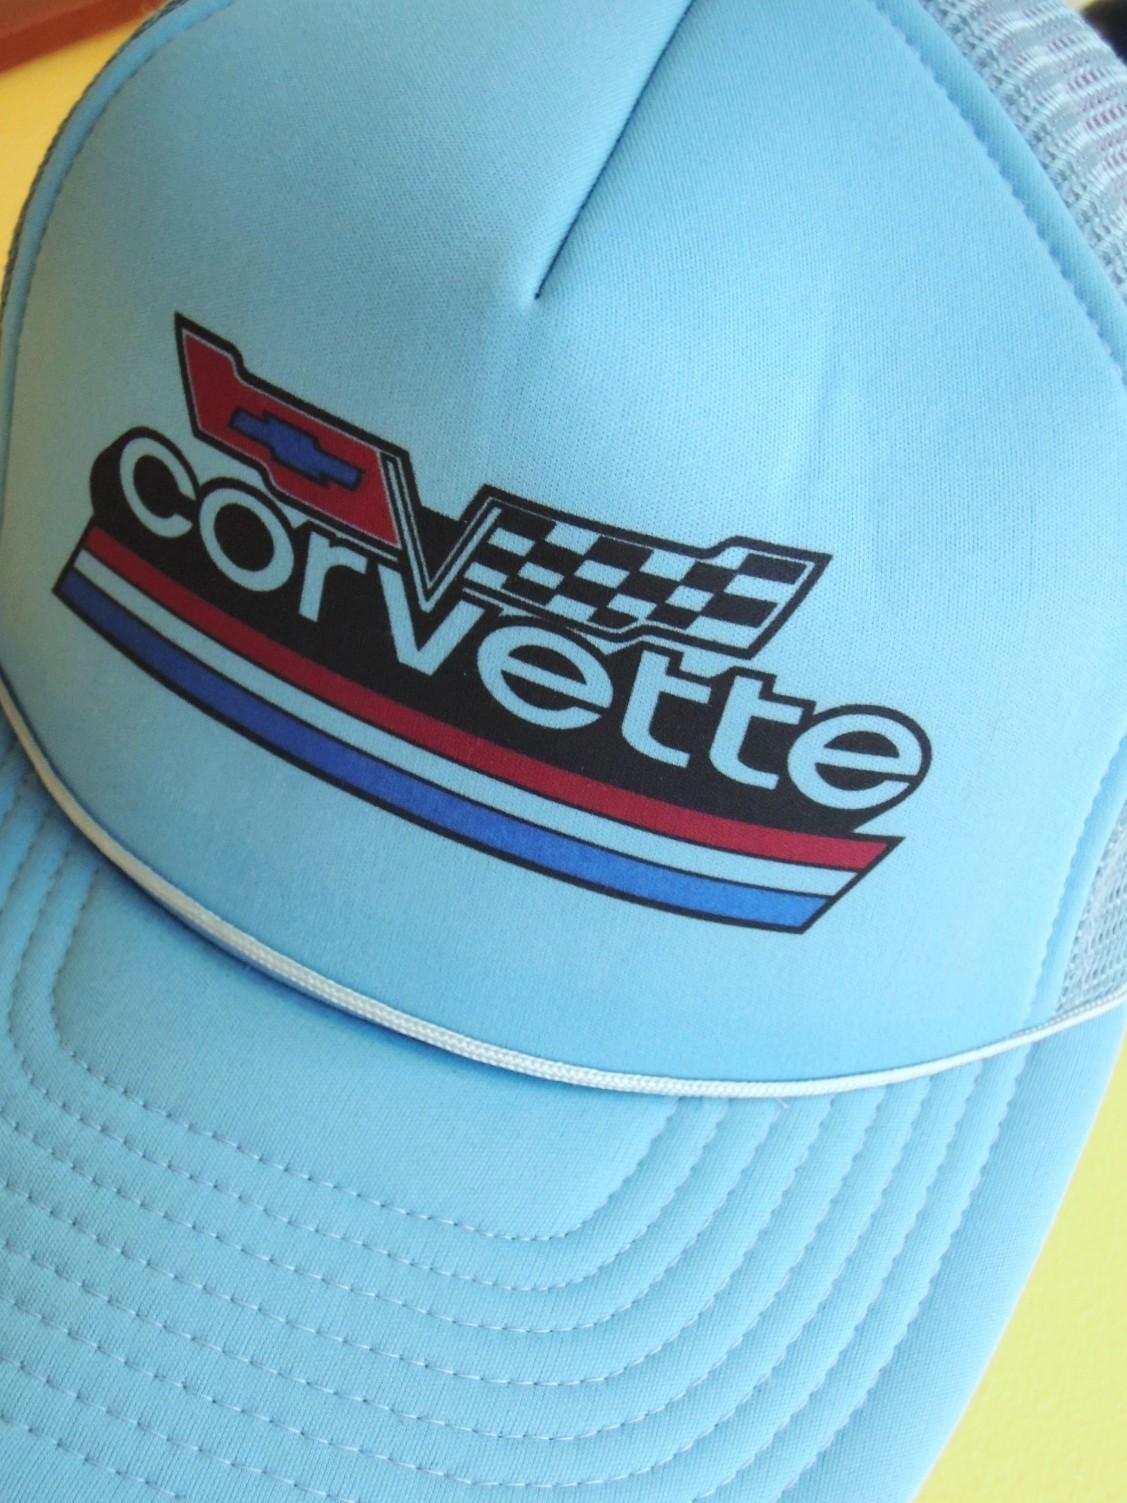 corvettechecker03.JPG